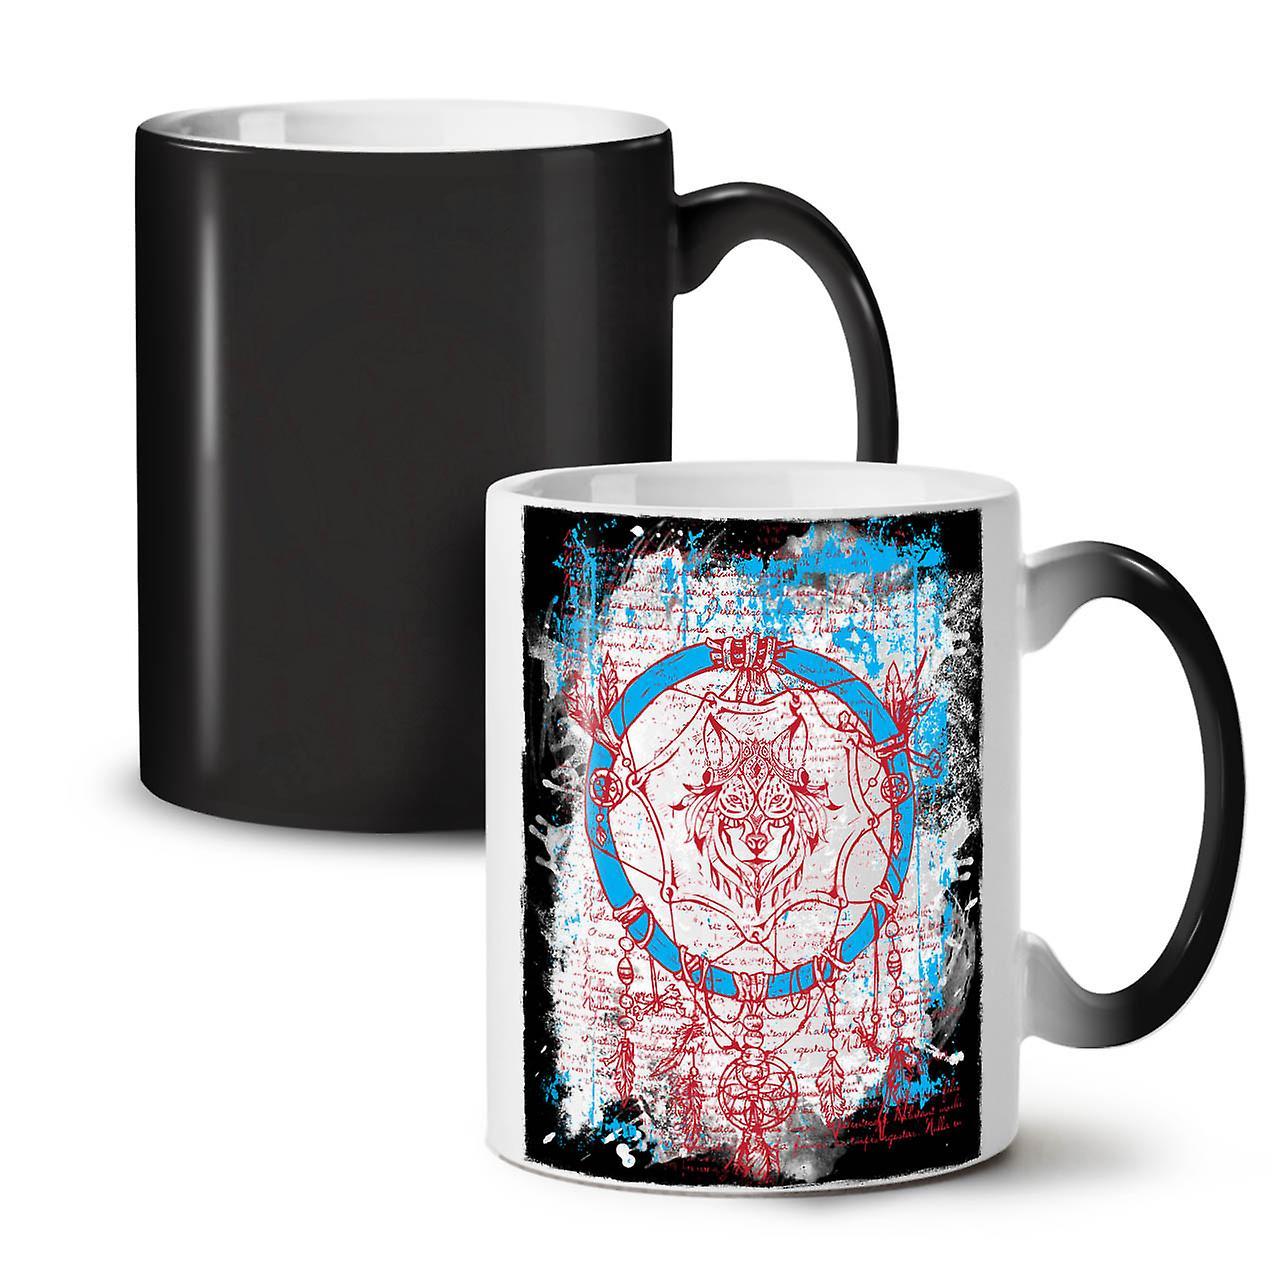 11 Fantasy Couleur Tasse Noir De Art Café Nouveau Changeant Thé Dream Céramique OzWellcoda mn0wvyN8OP